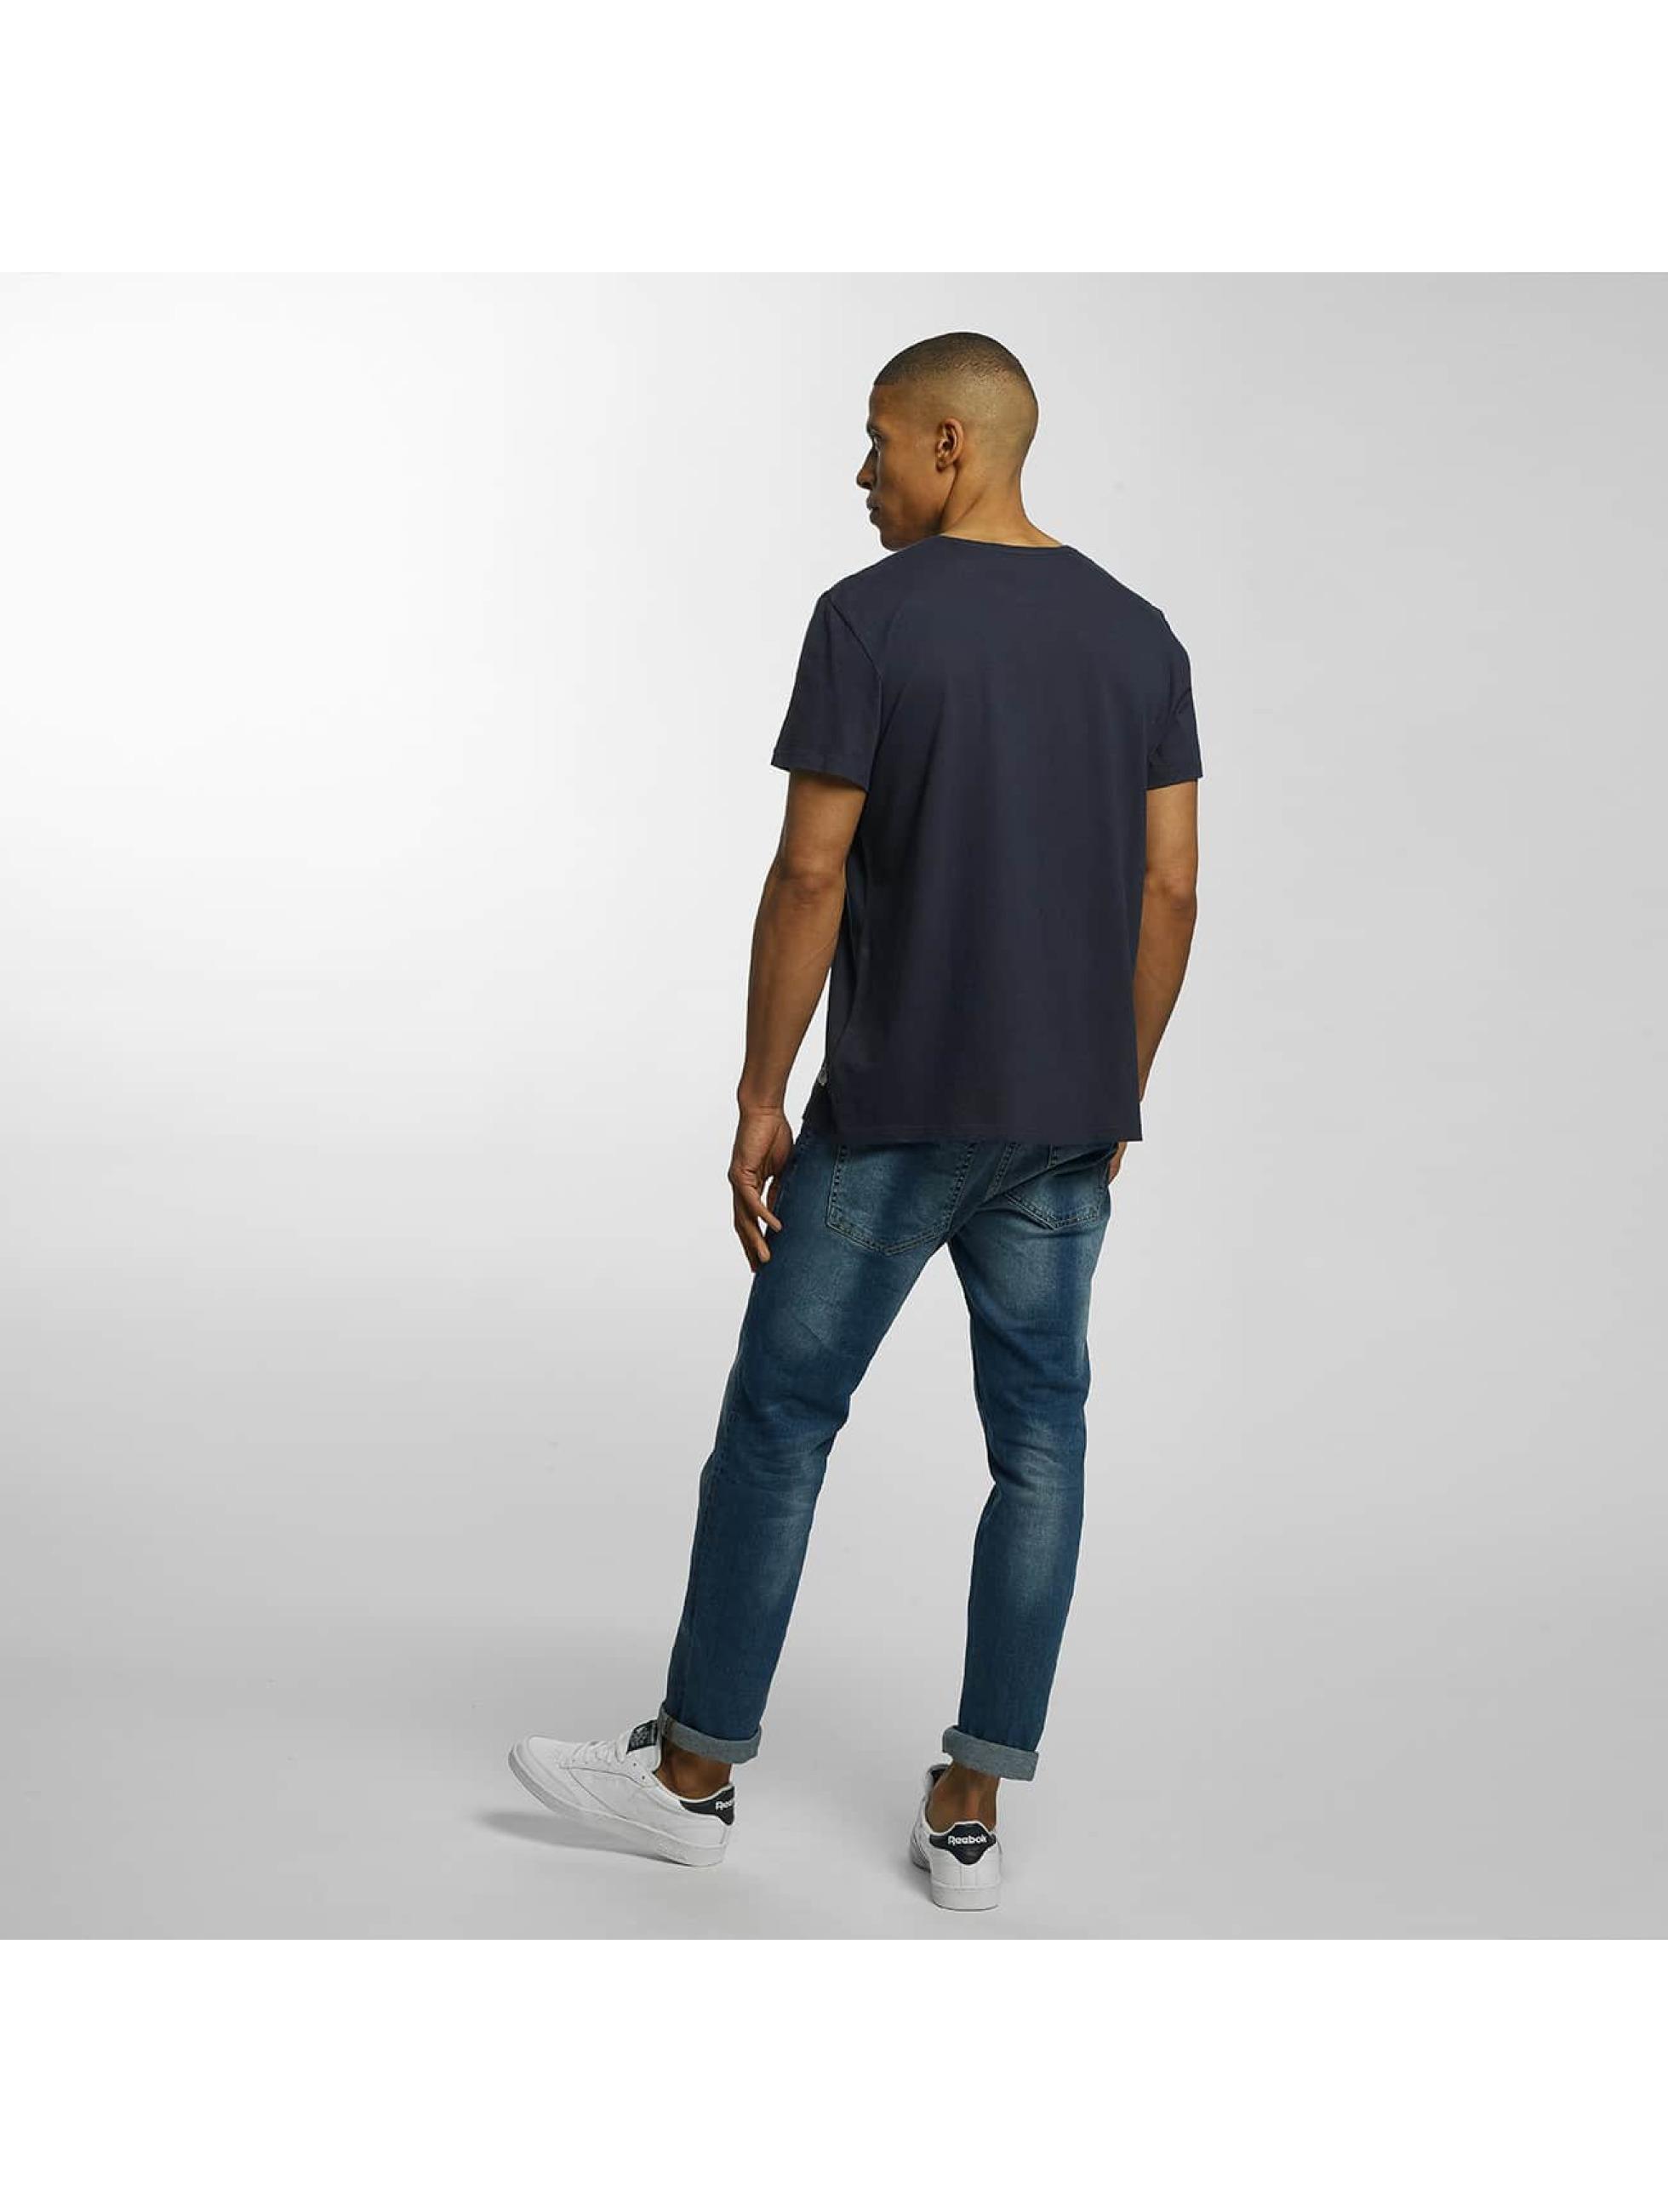 Timberland t-shirt Big Logo grijs